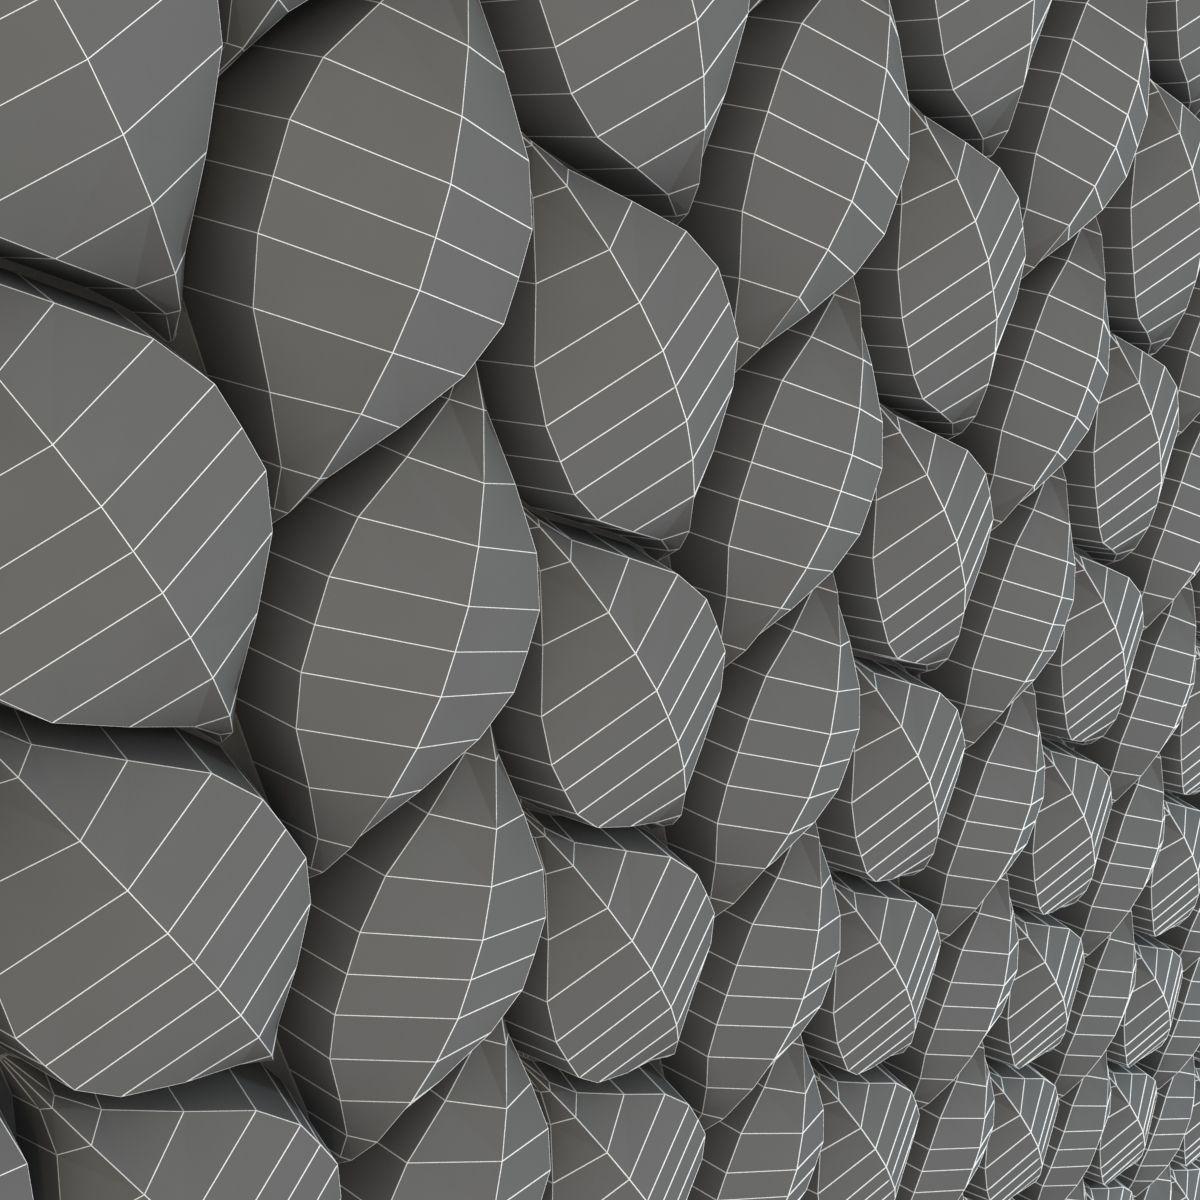 3d Surface Tressia Wall Tiles 3d Model Max Obj 3ds Fbx